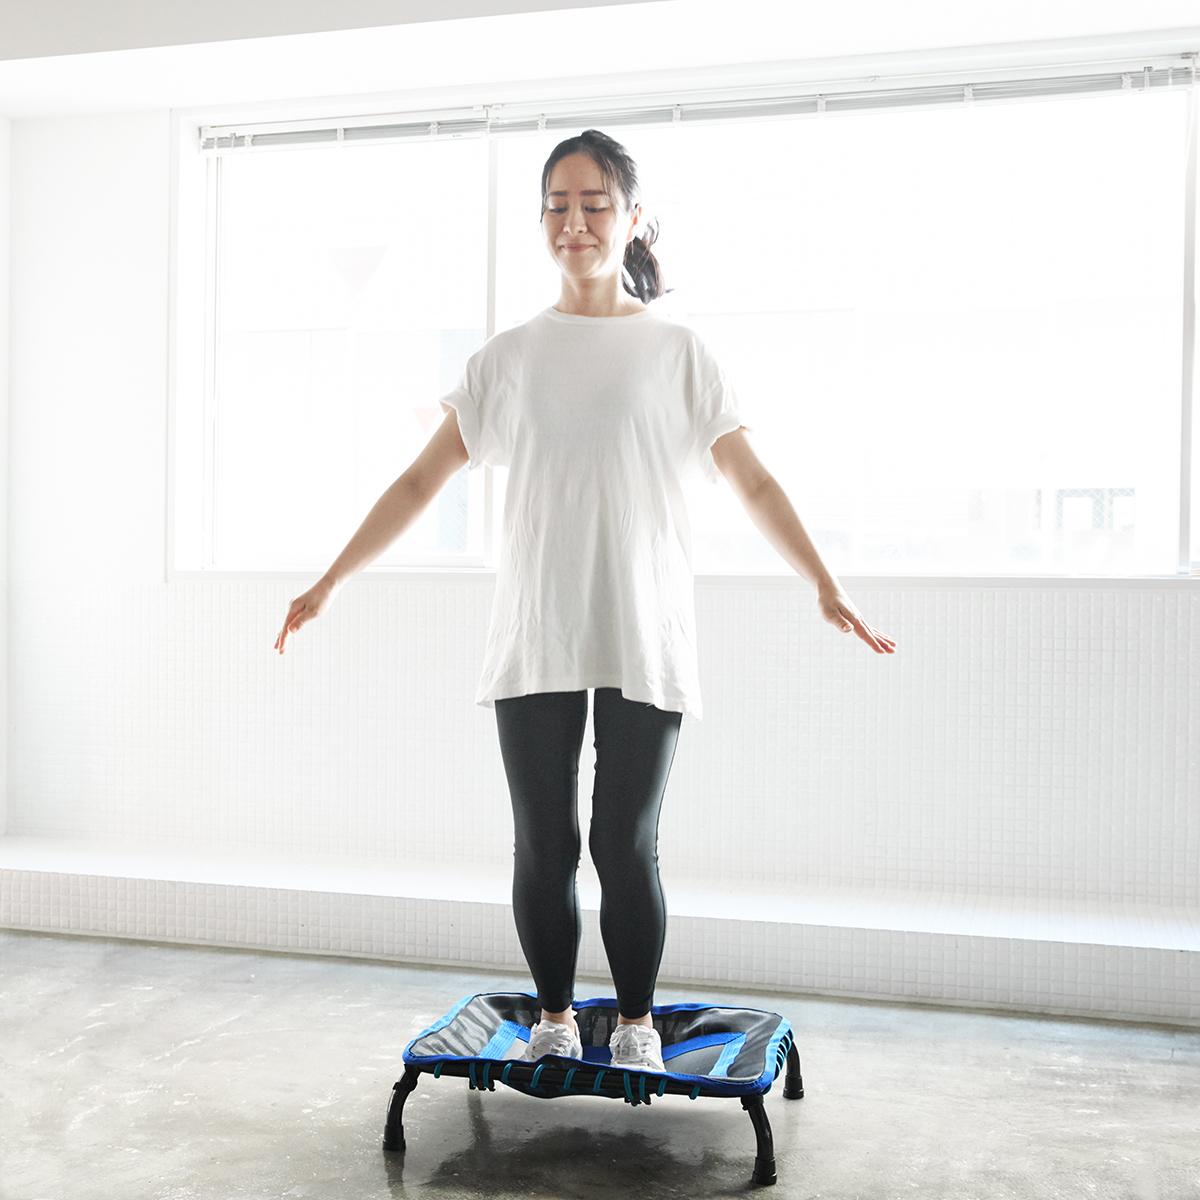 片手で運べる軽さだから、リビングで、寝室で、仕事場で。思いたったら、いつでもどこでも運動できるミニサイズのトランポリン「ミニジャンパー」|AEROLIFE(エアロライフ)